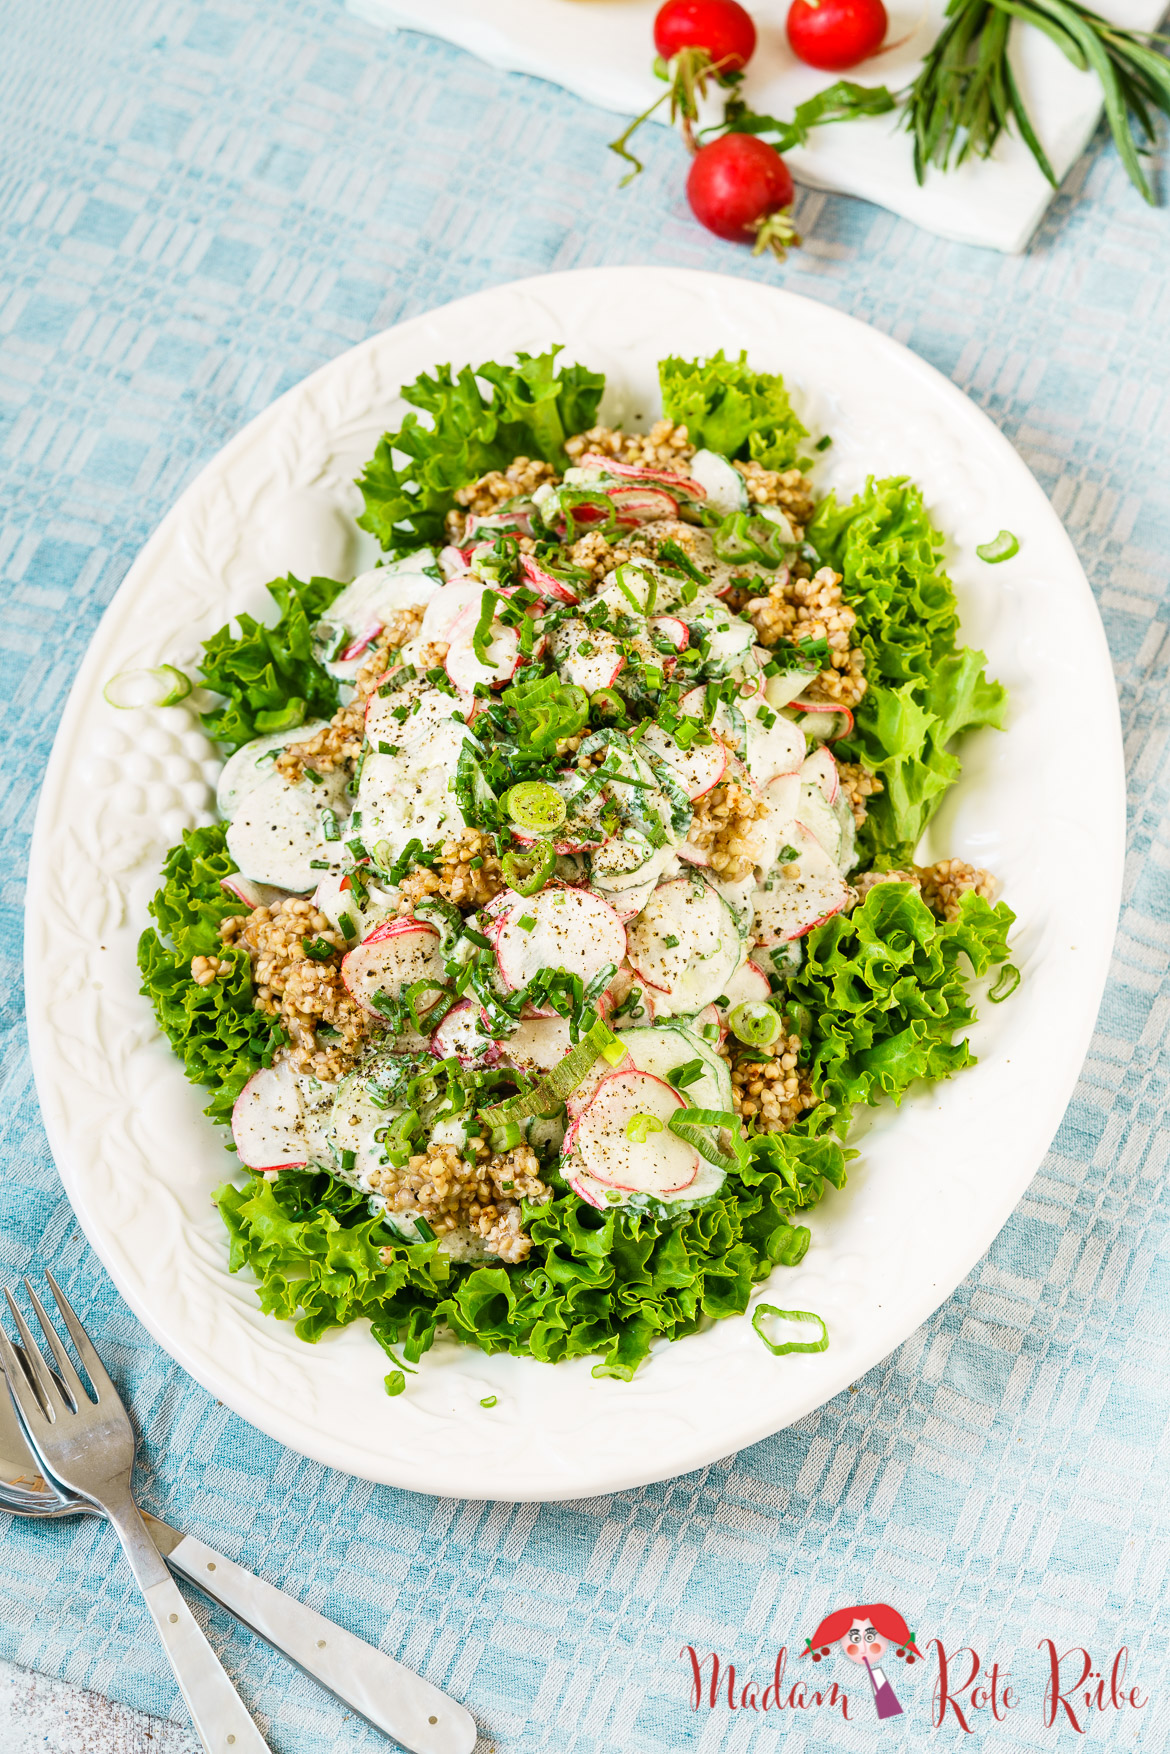 Madam Rote Rübe - Radieschen-Gurken-Salat mit Buchweizen